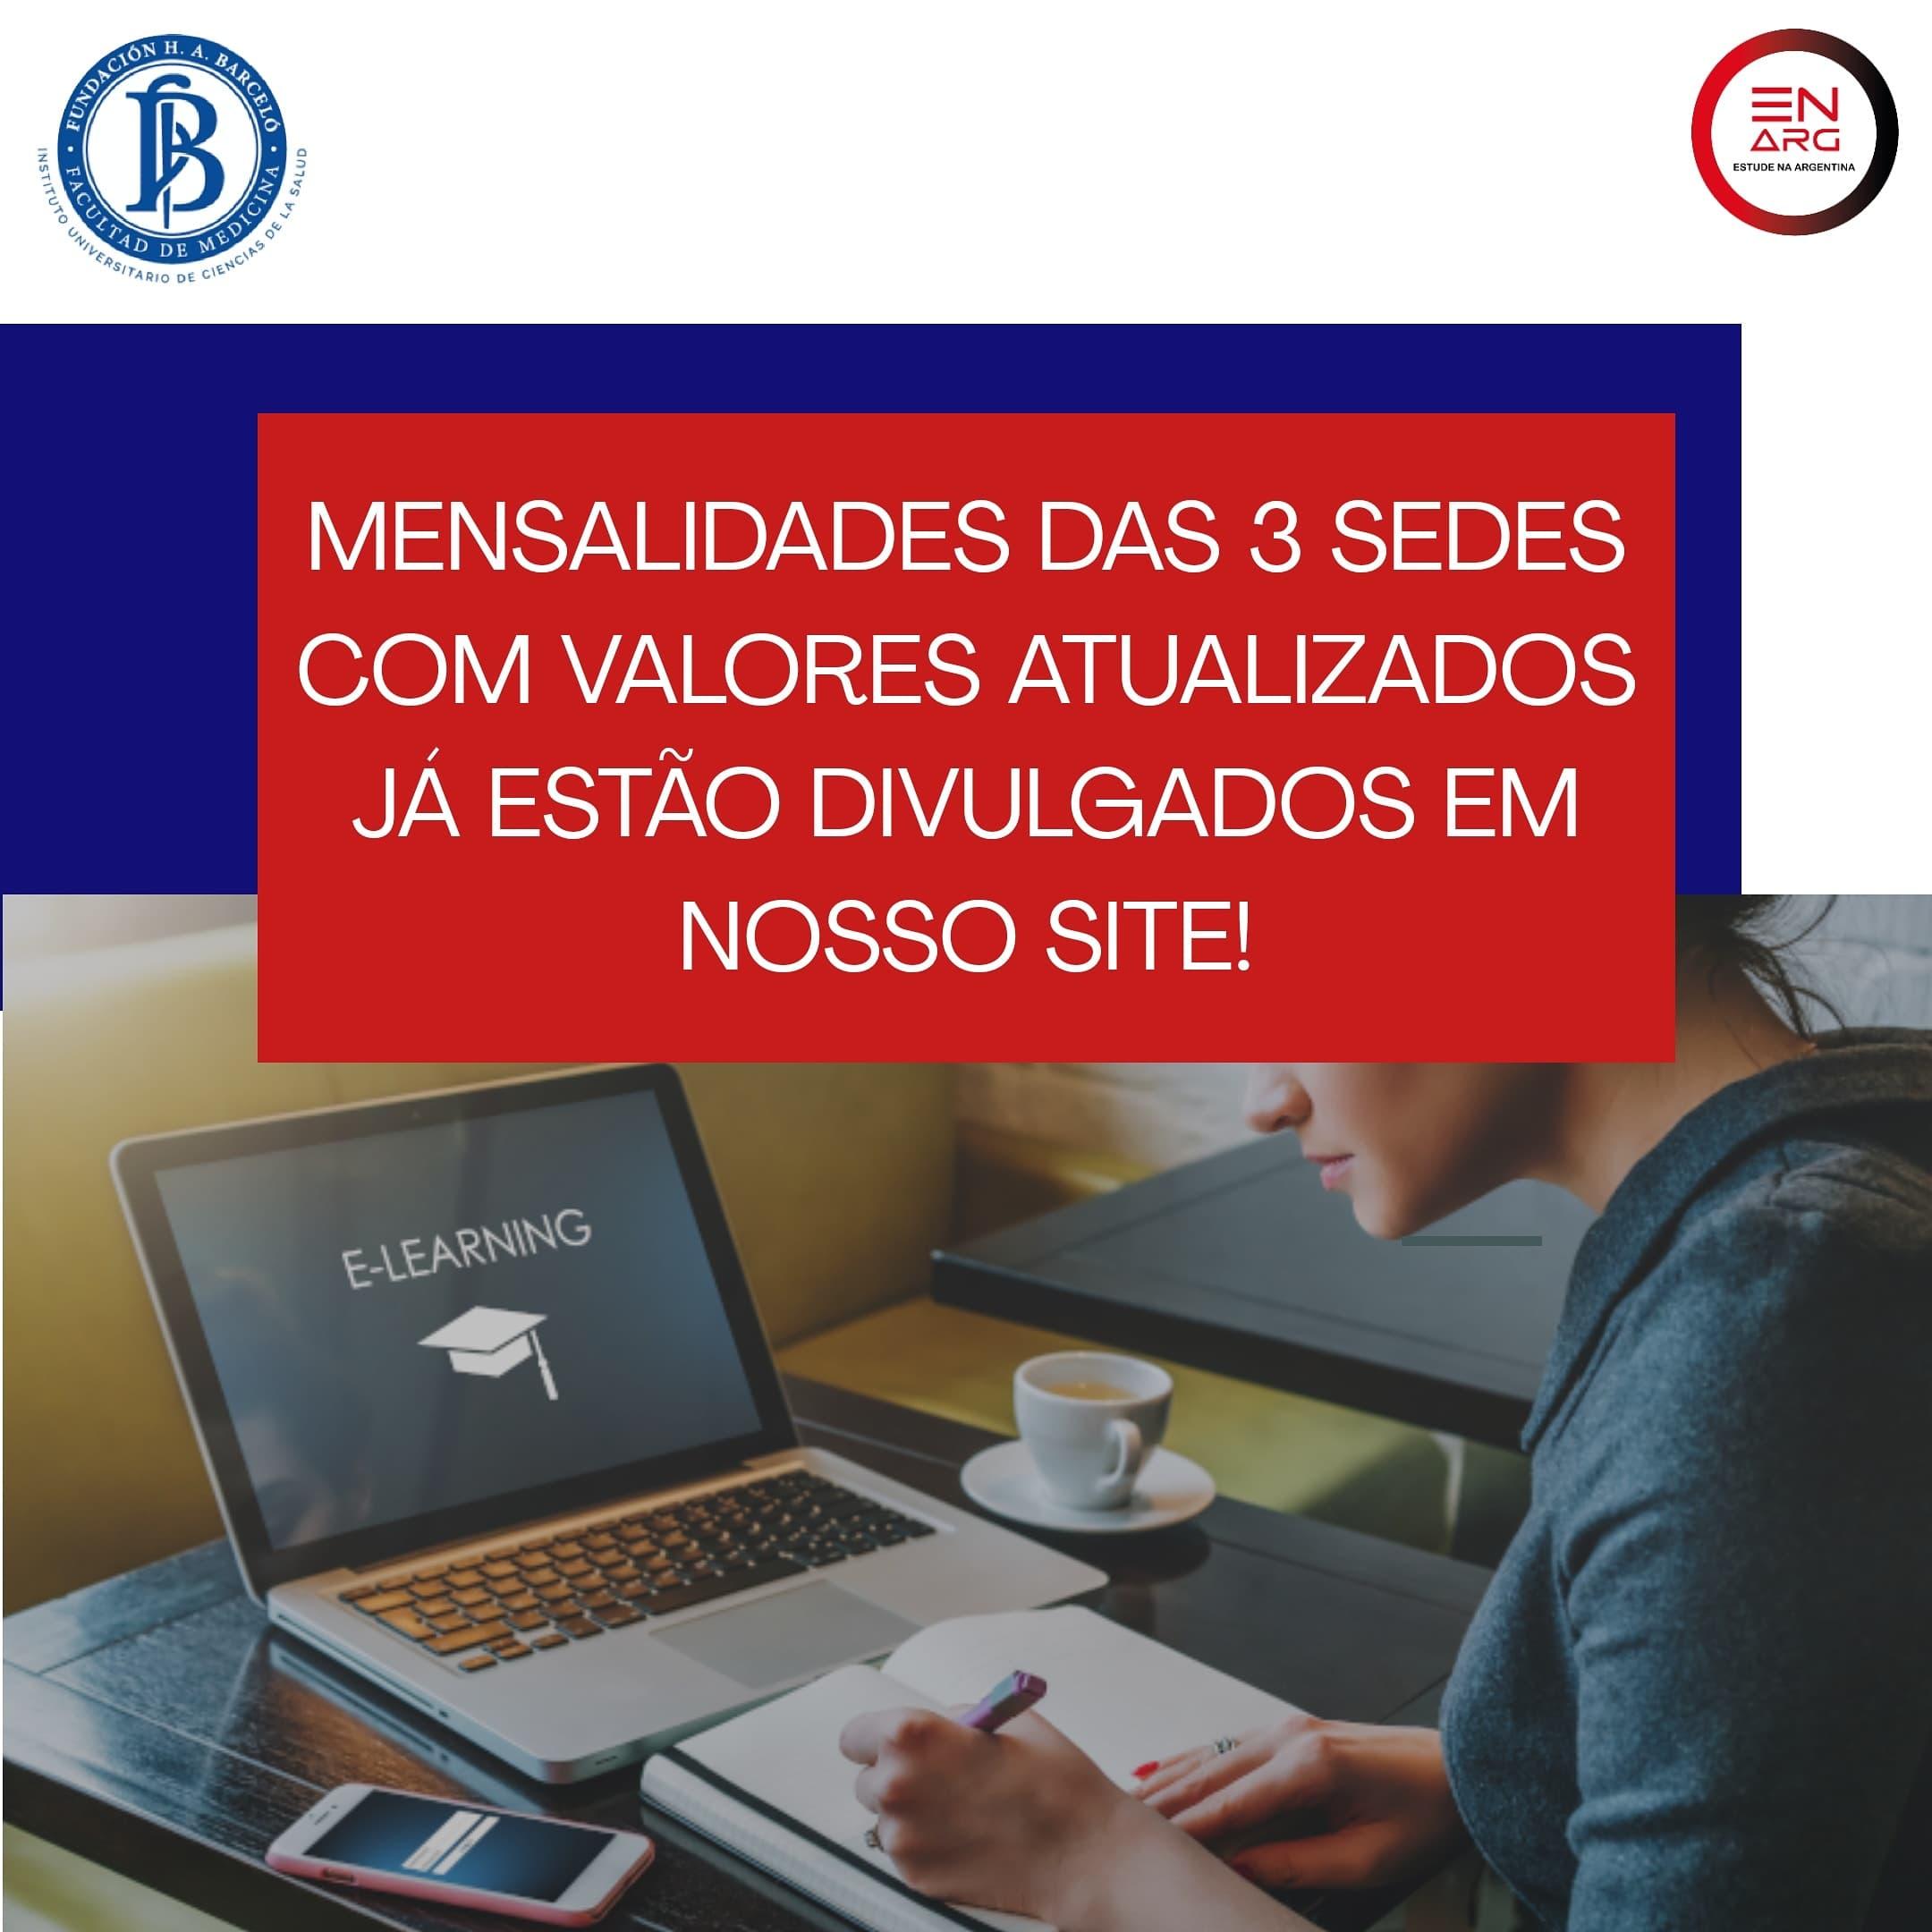 ingresso barcelo 2021 enarg - NOVAS MENSALIDADES FUNDACIÓN HÉCTOR A. BARCELÓ JANEIRO 2021